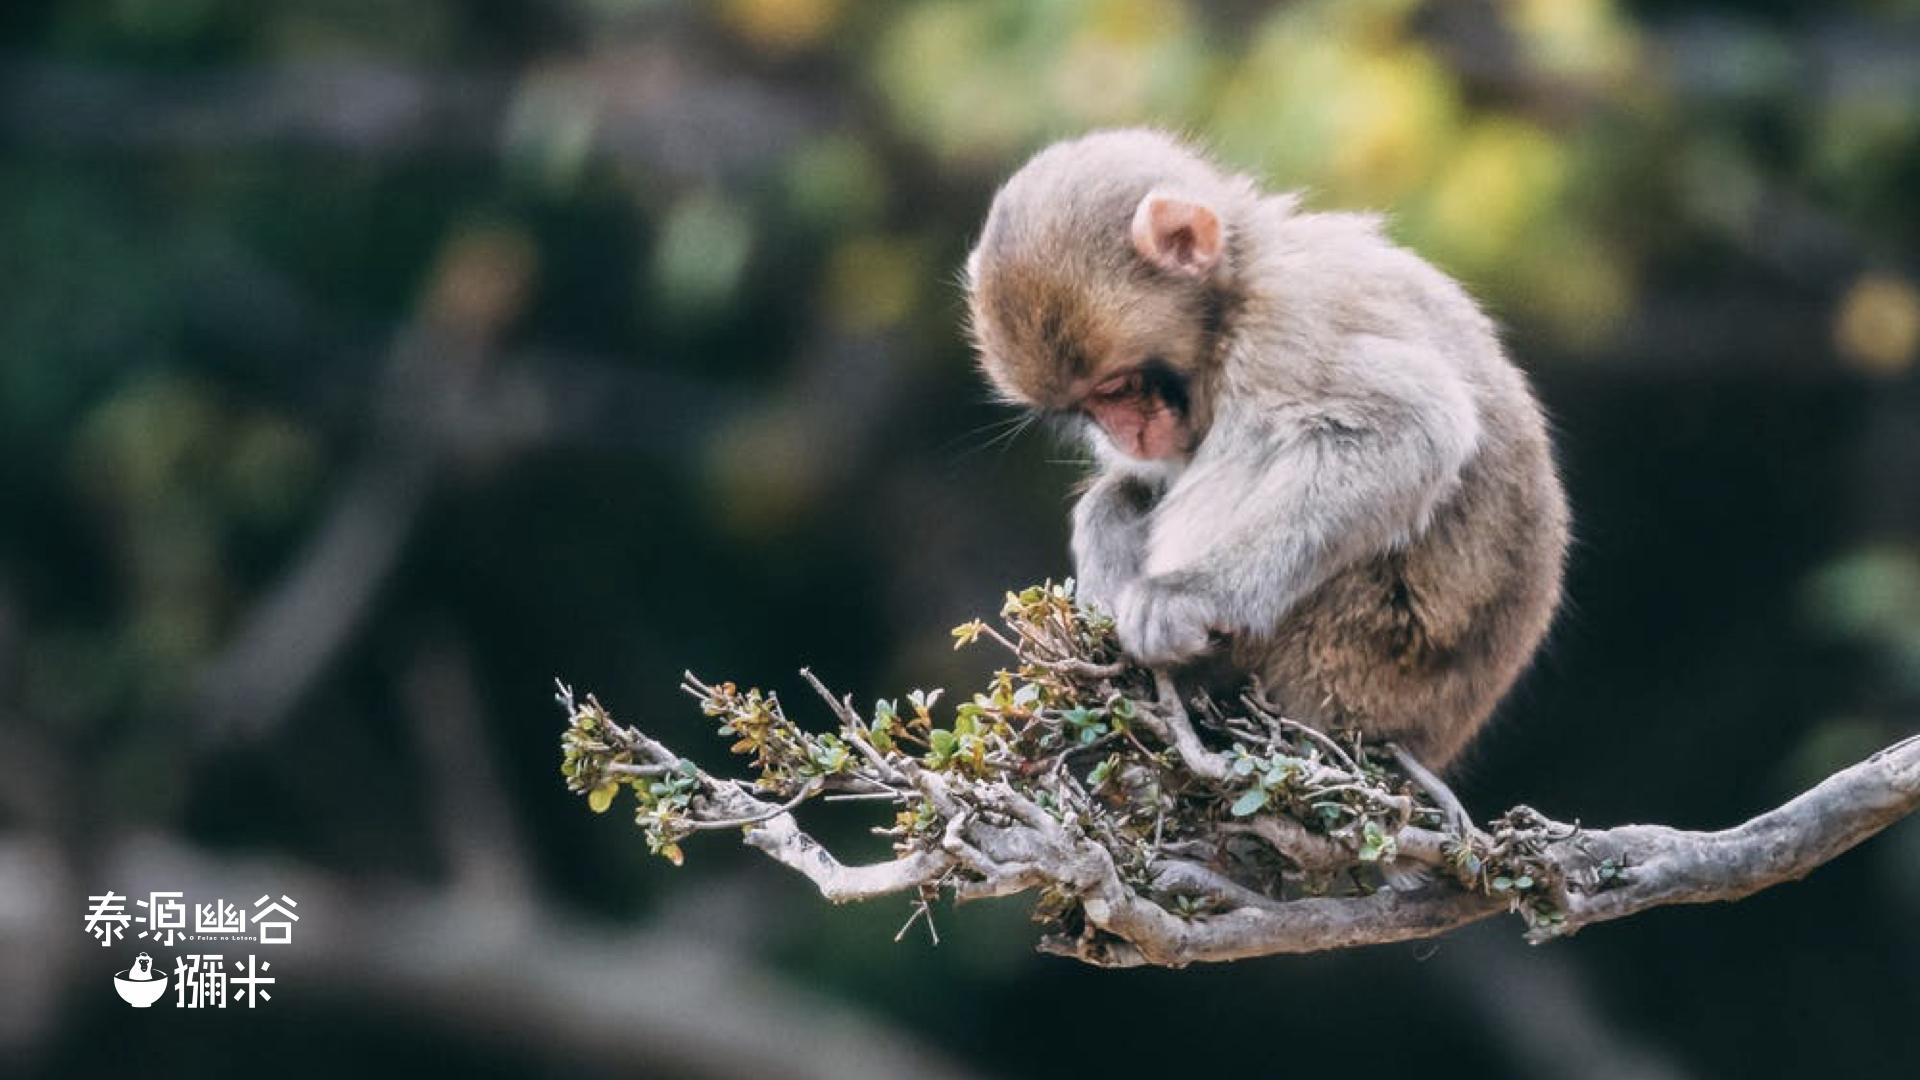 泰源幽谷坐在樹枝的獼猴